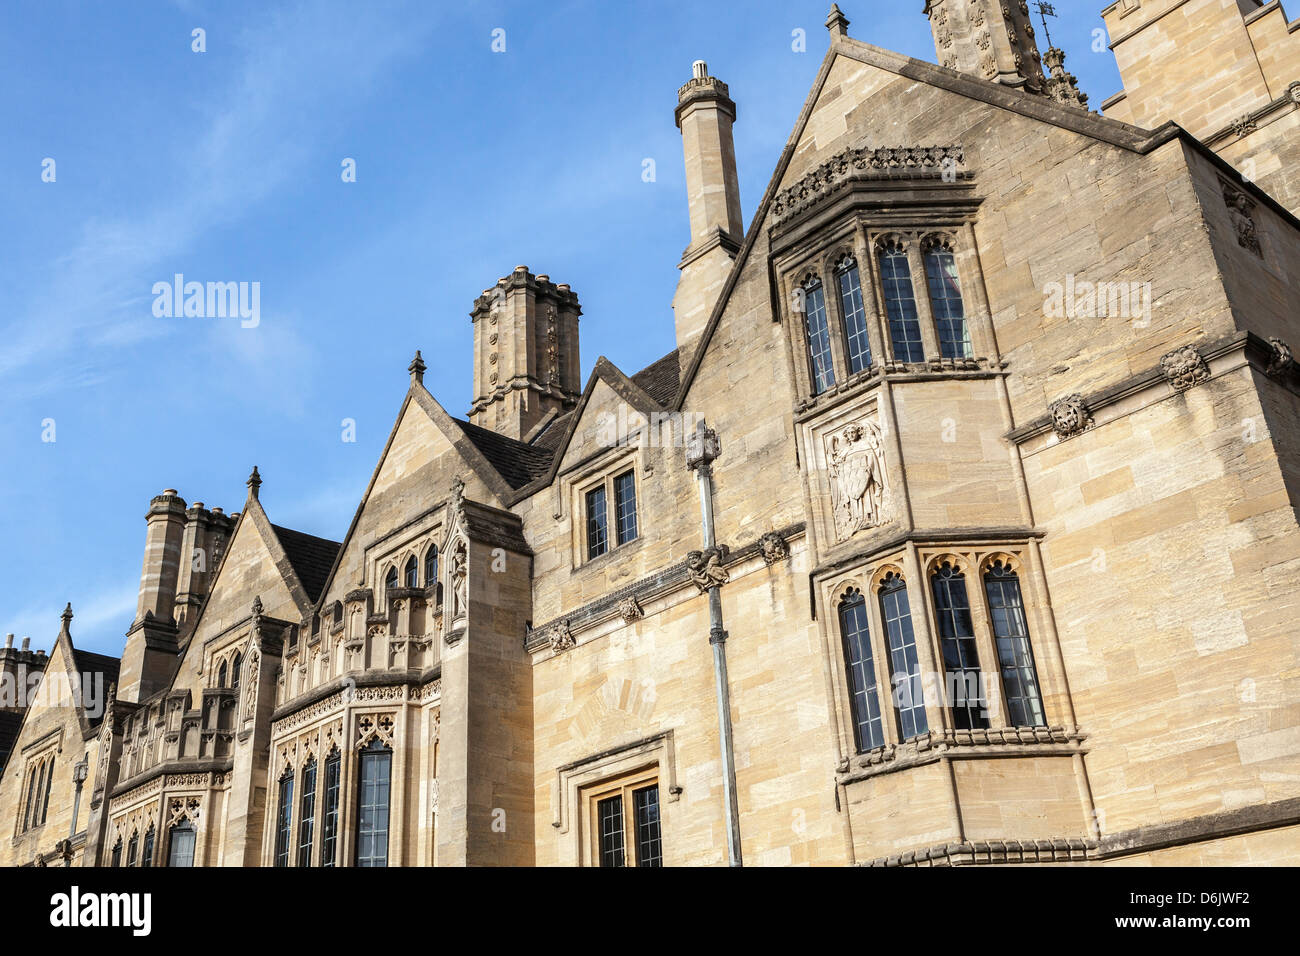 Alojamiento para estudiantes en el Magdalen College, Oxford, Oxford, Inglaterra, Reino Unido, Europa Imagen De Stock